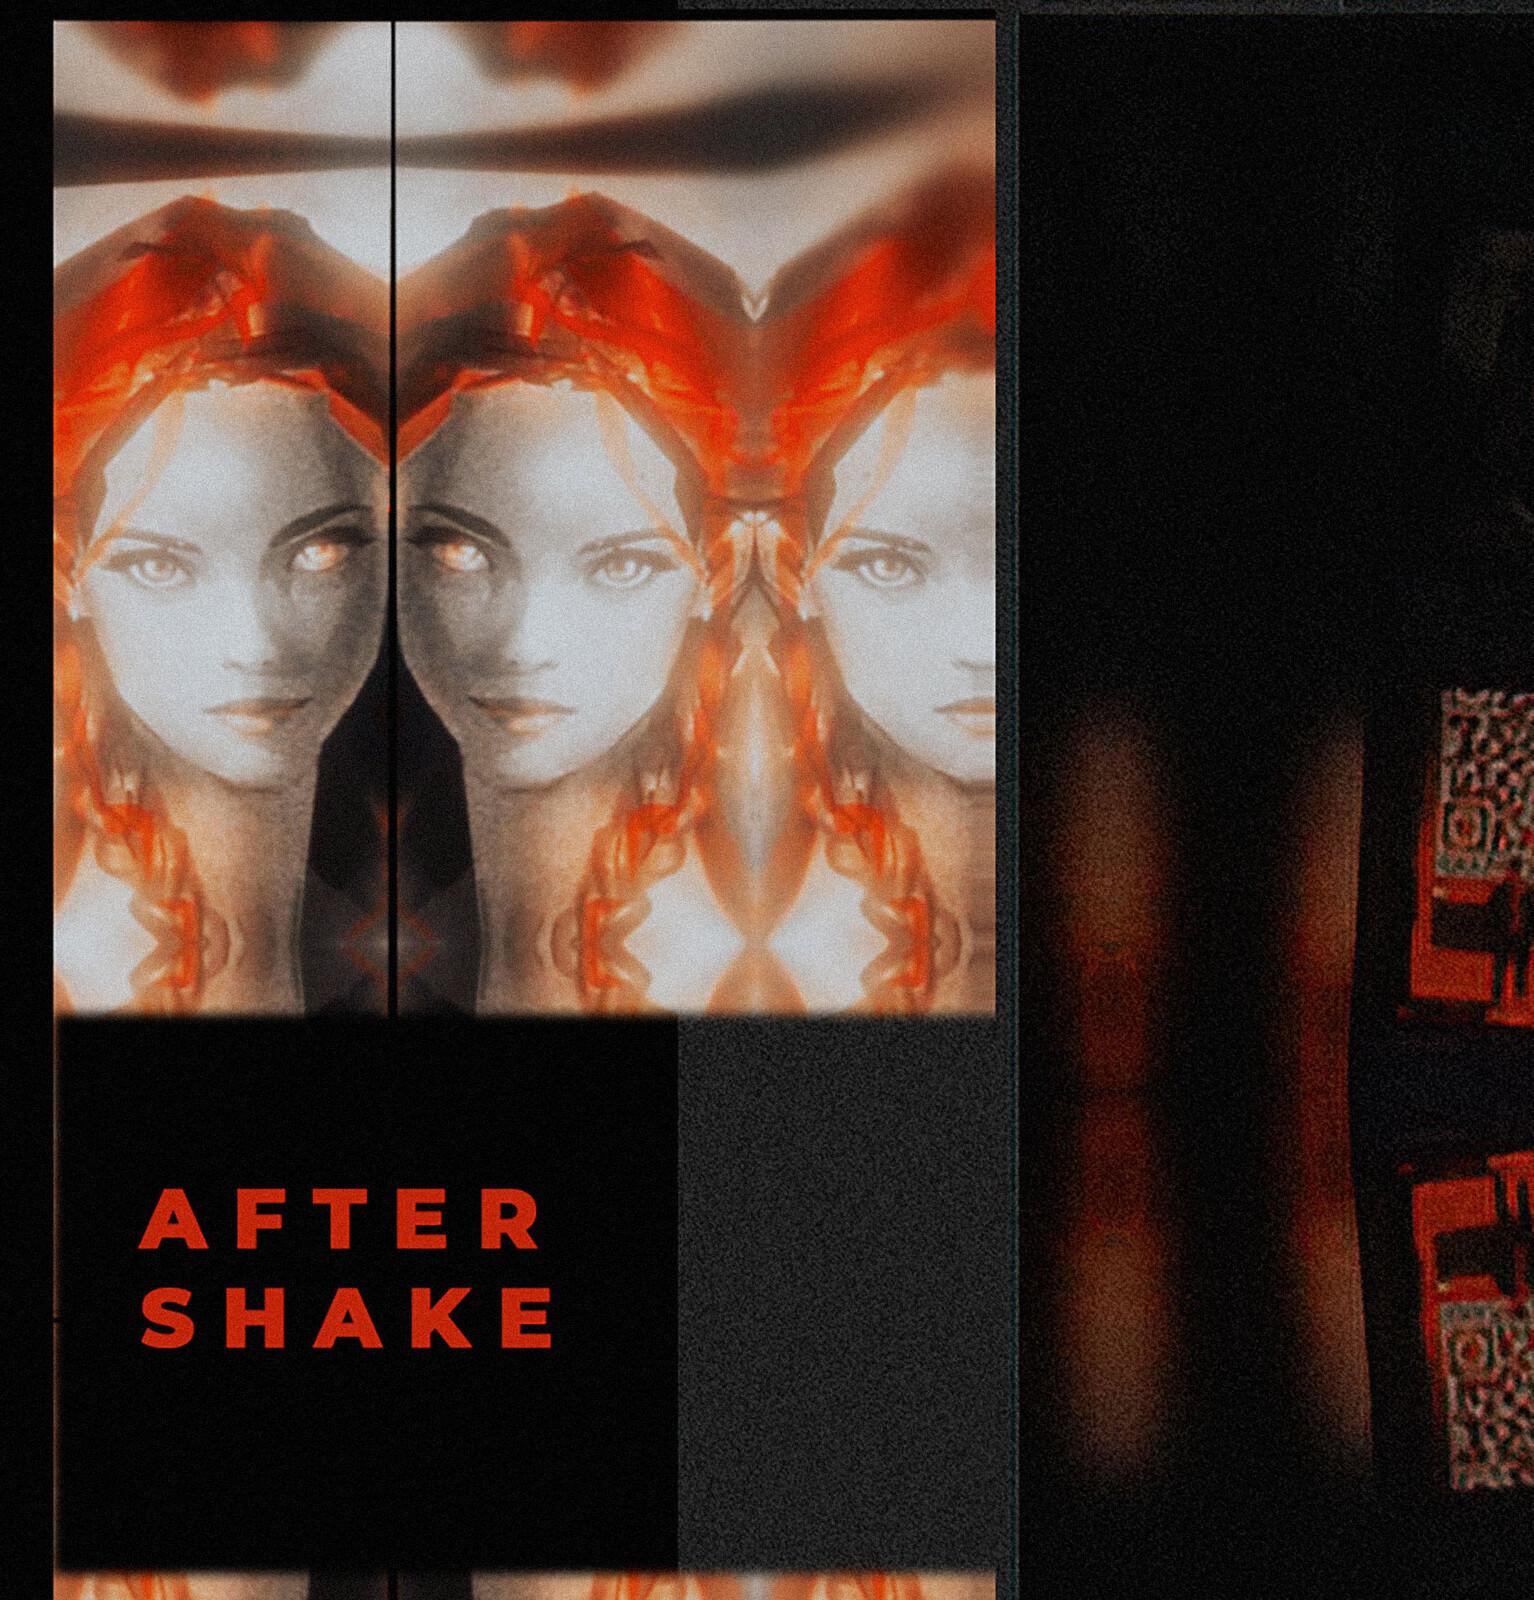 AFTER SHAKE (drunkenwhaler)